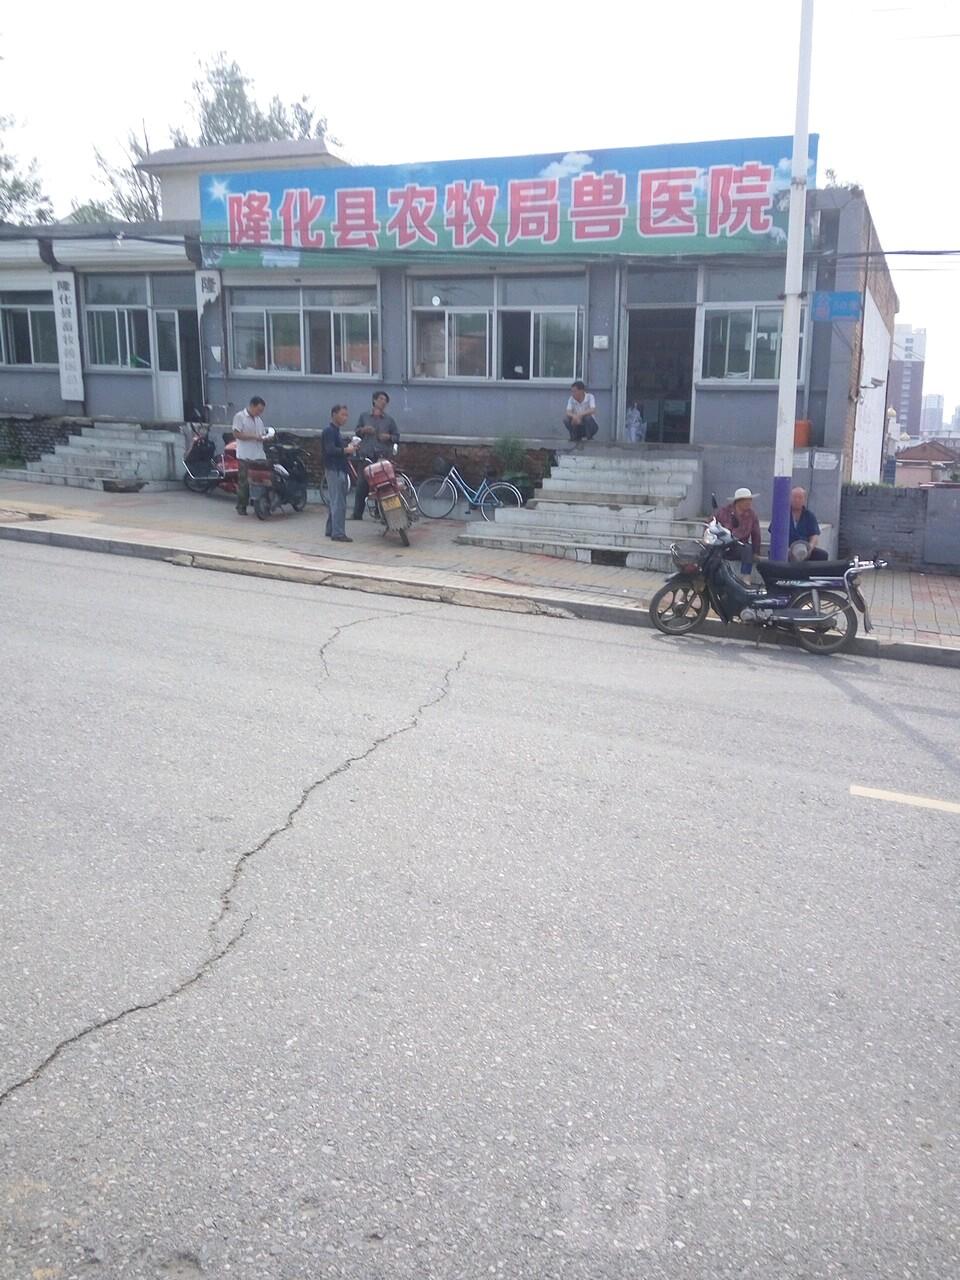 河北省承德市隆化县阳光假日酒店西南(荣顺北街南)